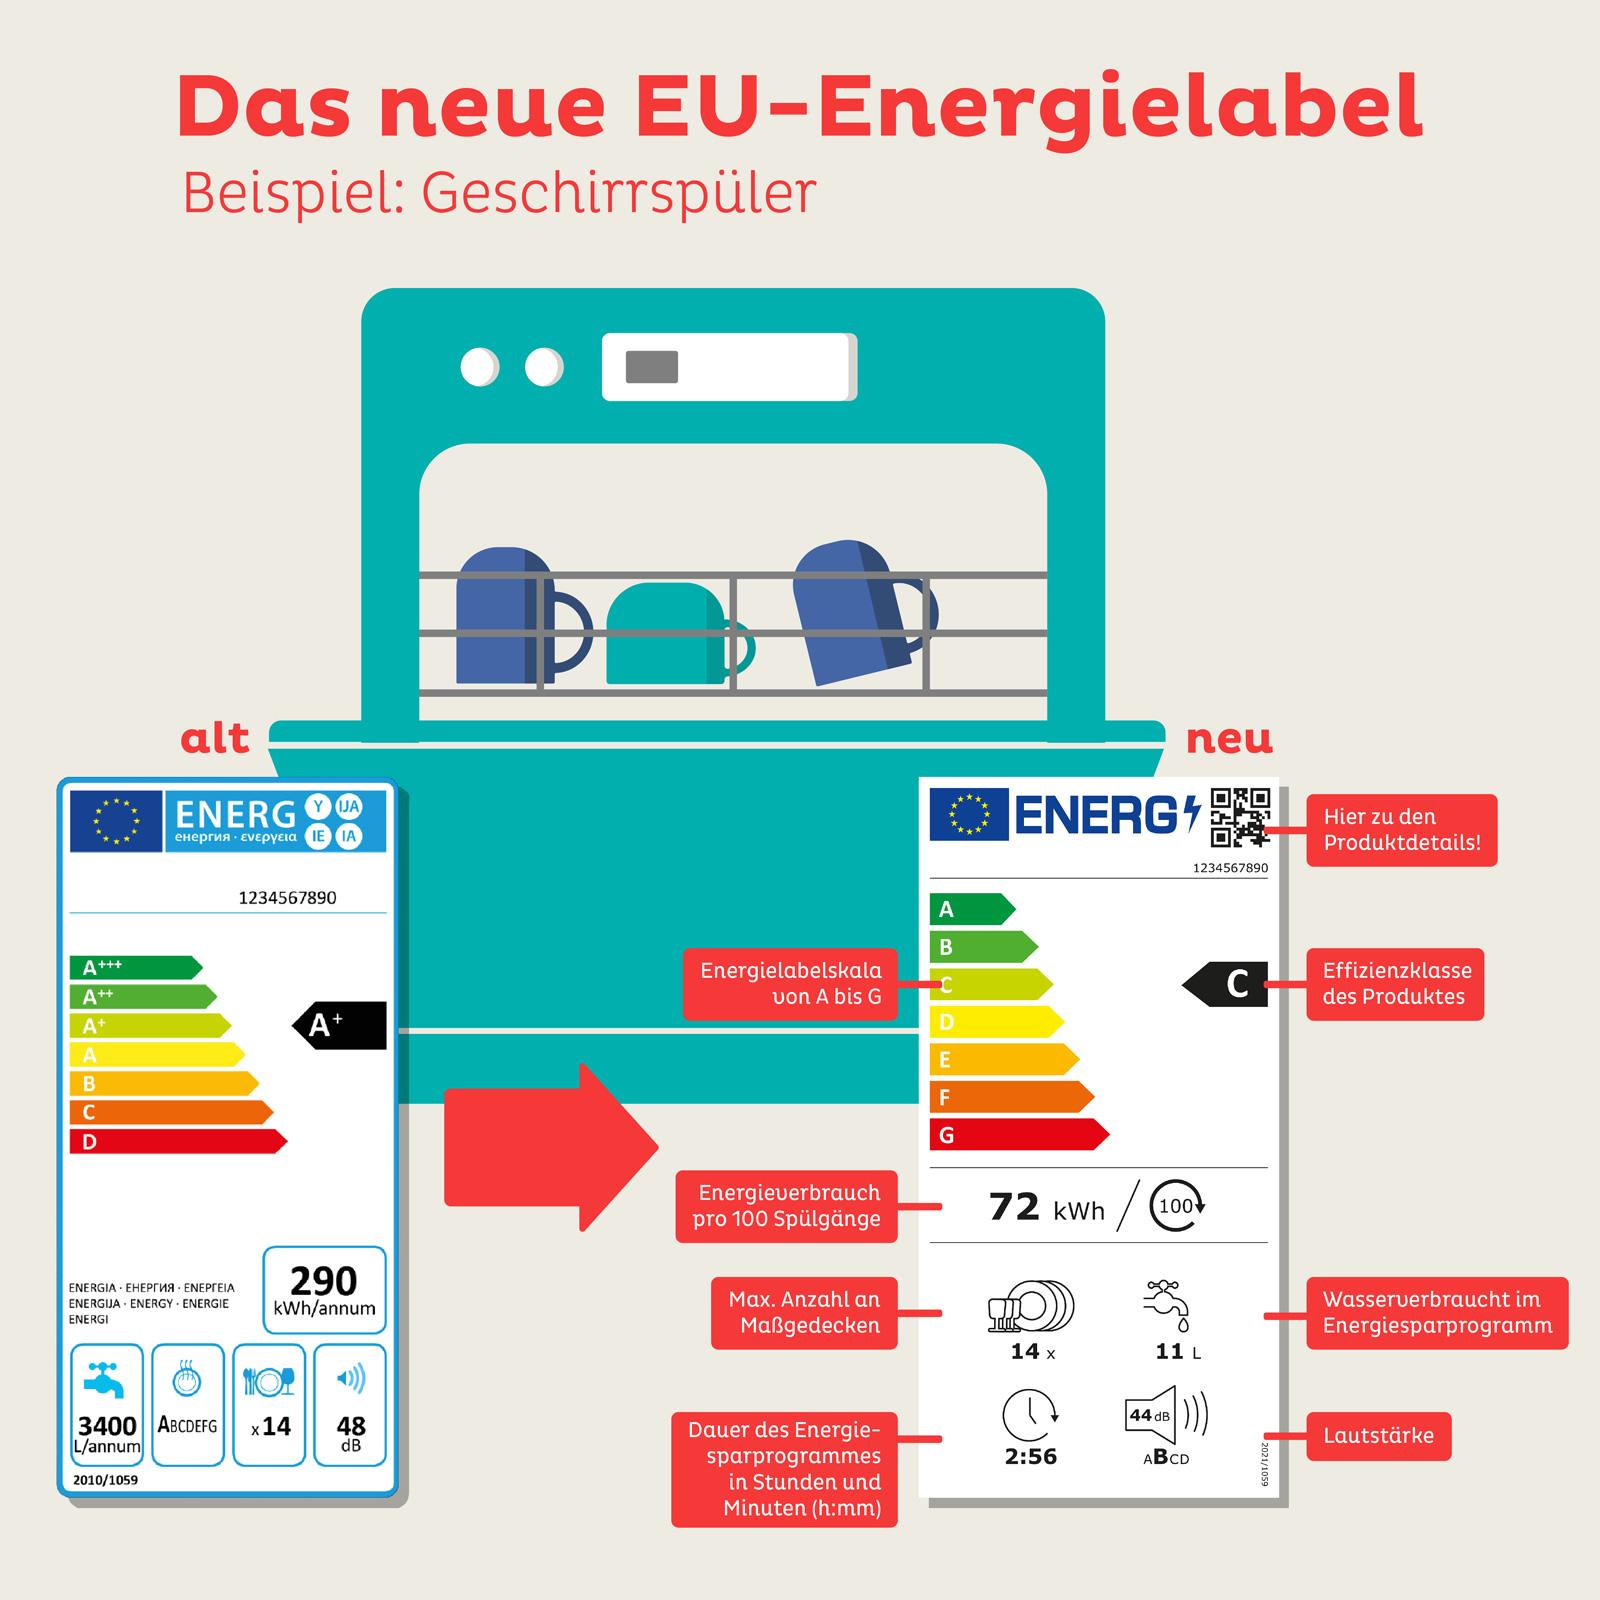 Das sind die Elemente des neuen Energielabels.